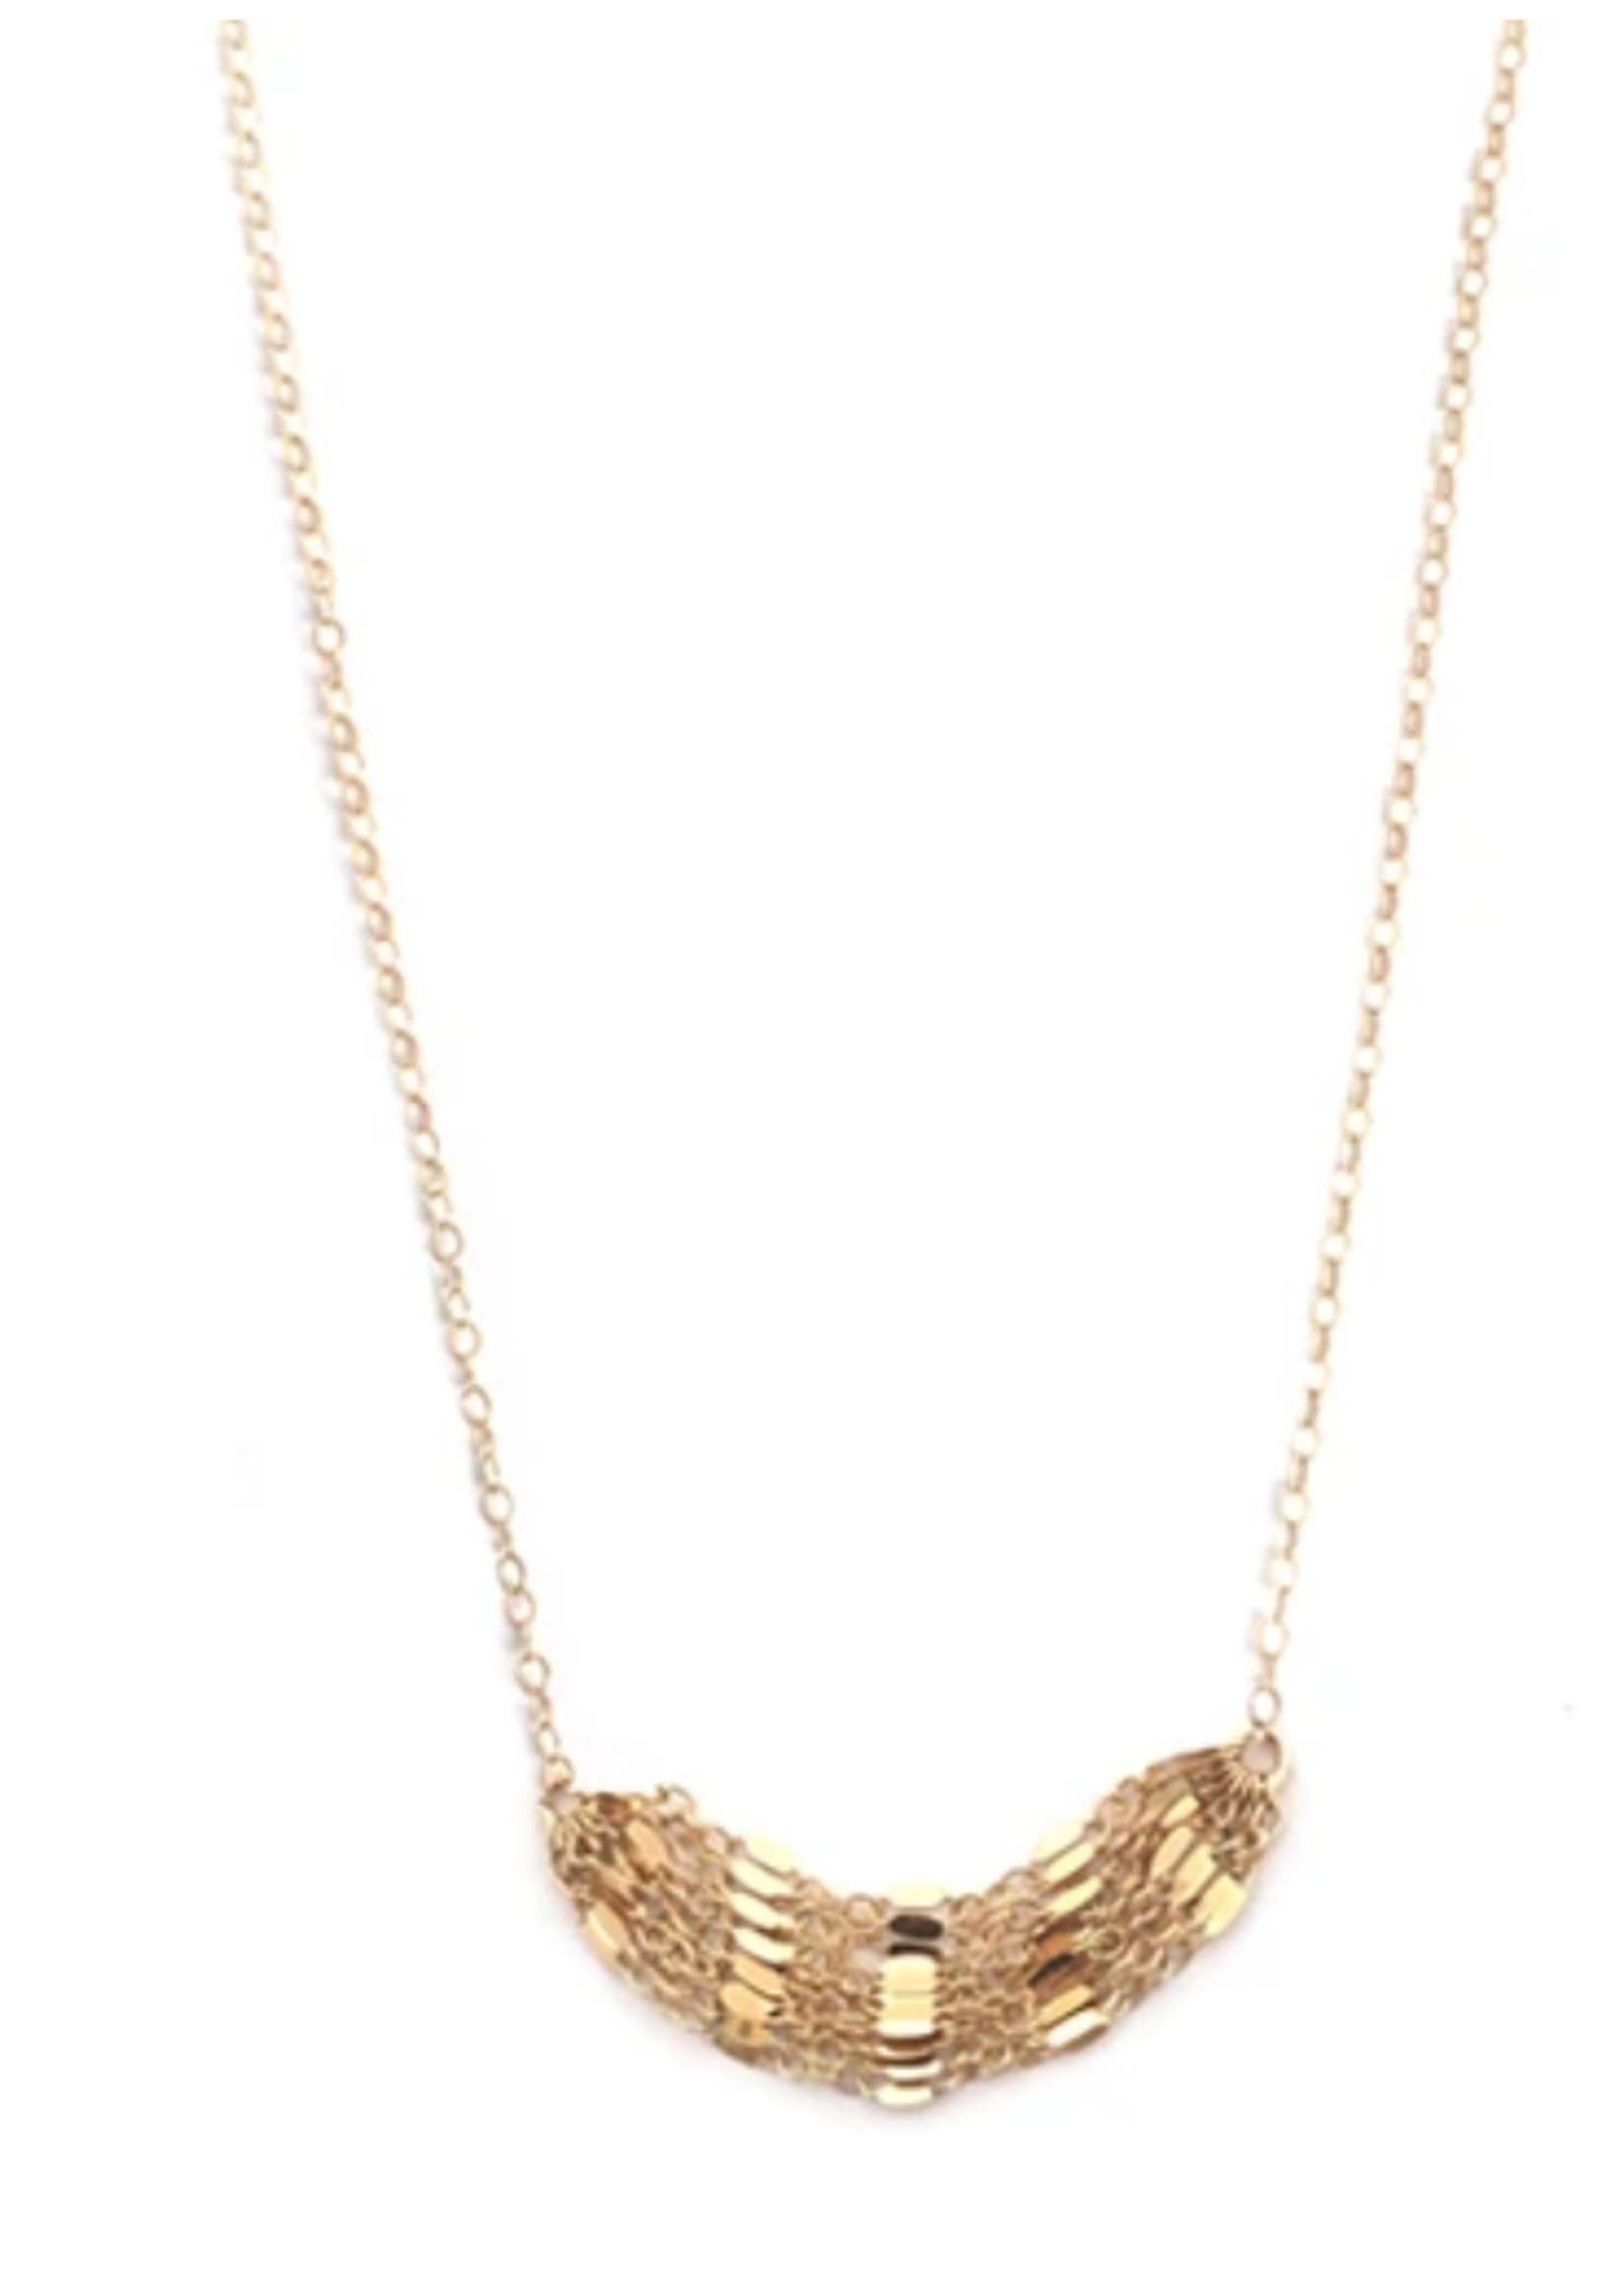 mimi & lu mimi & lu myra necklace